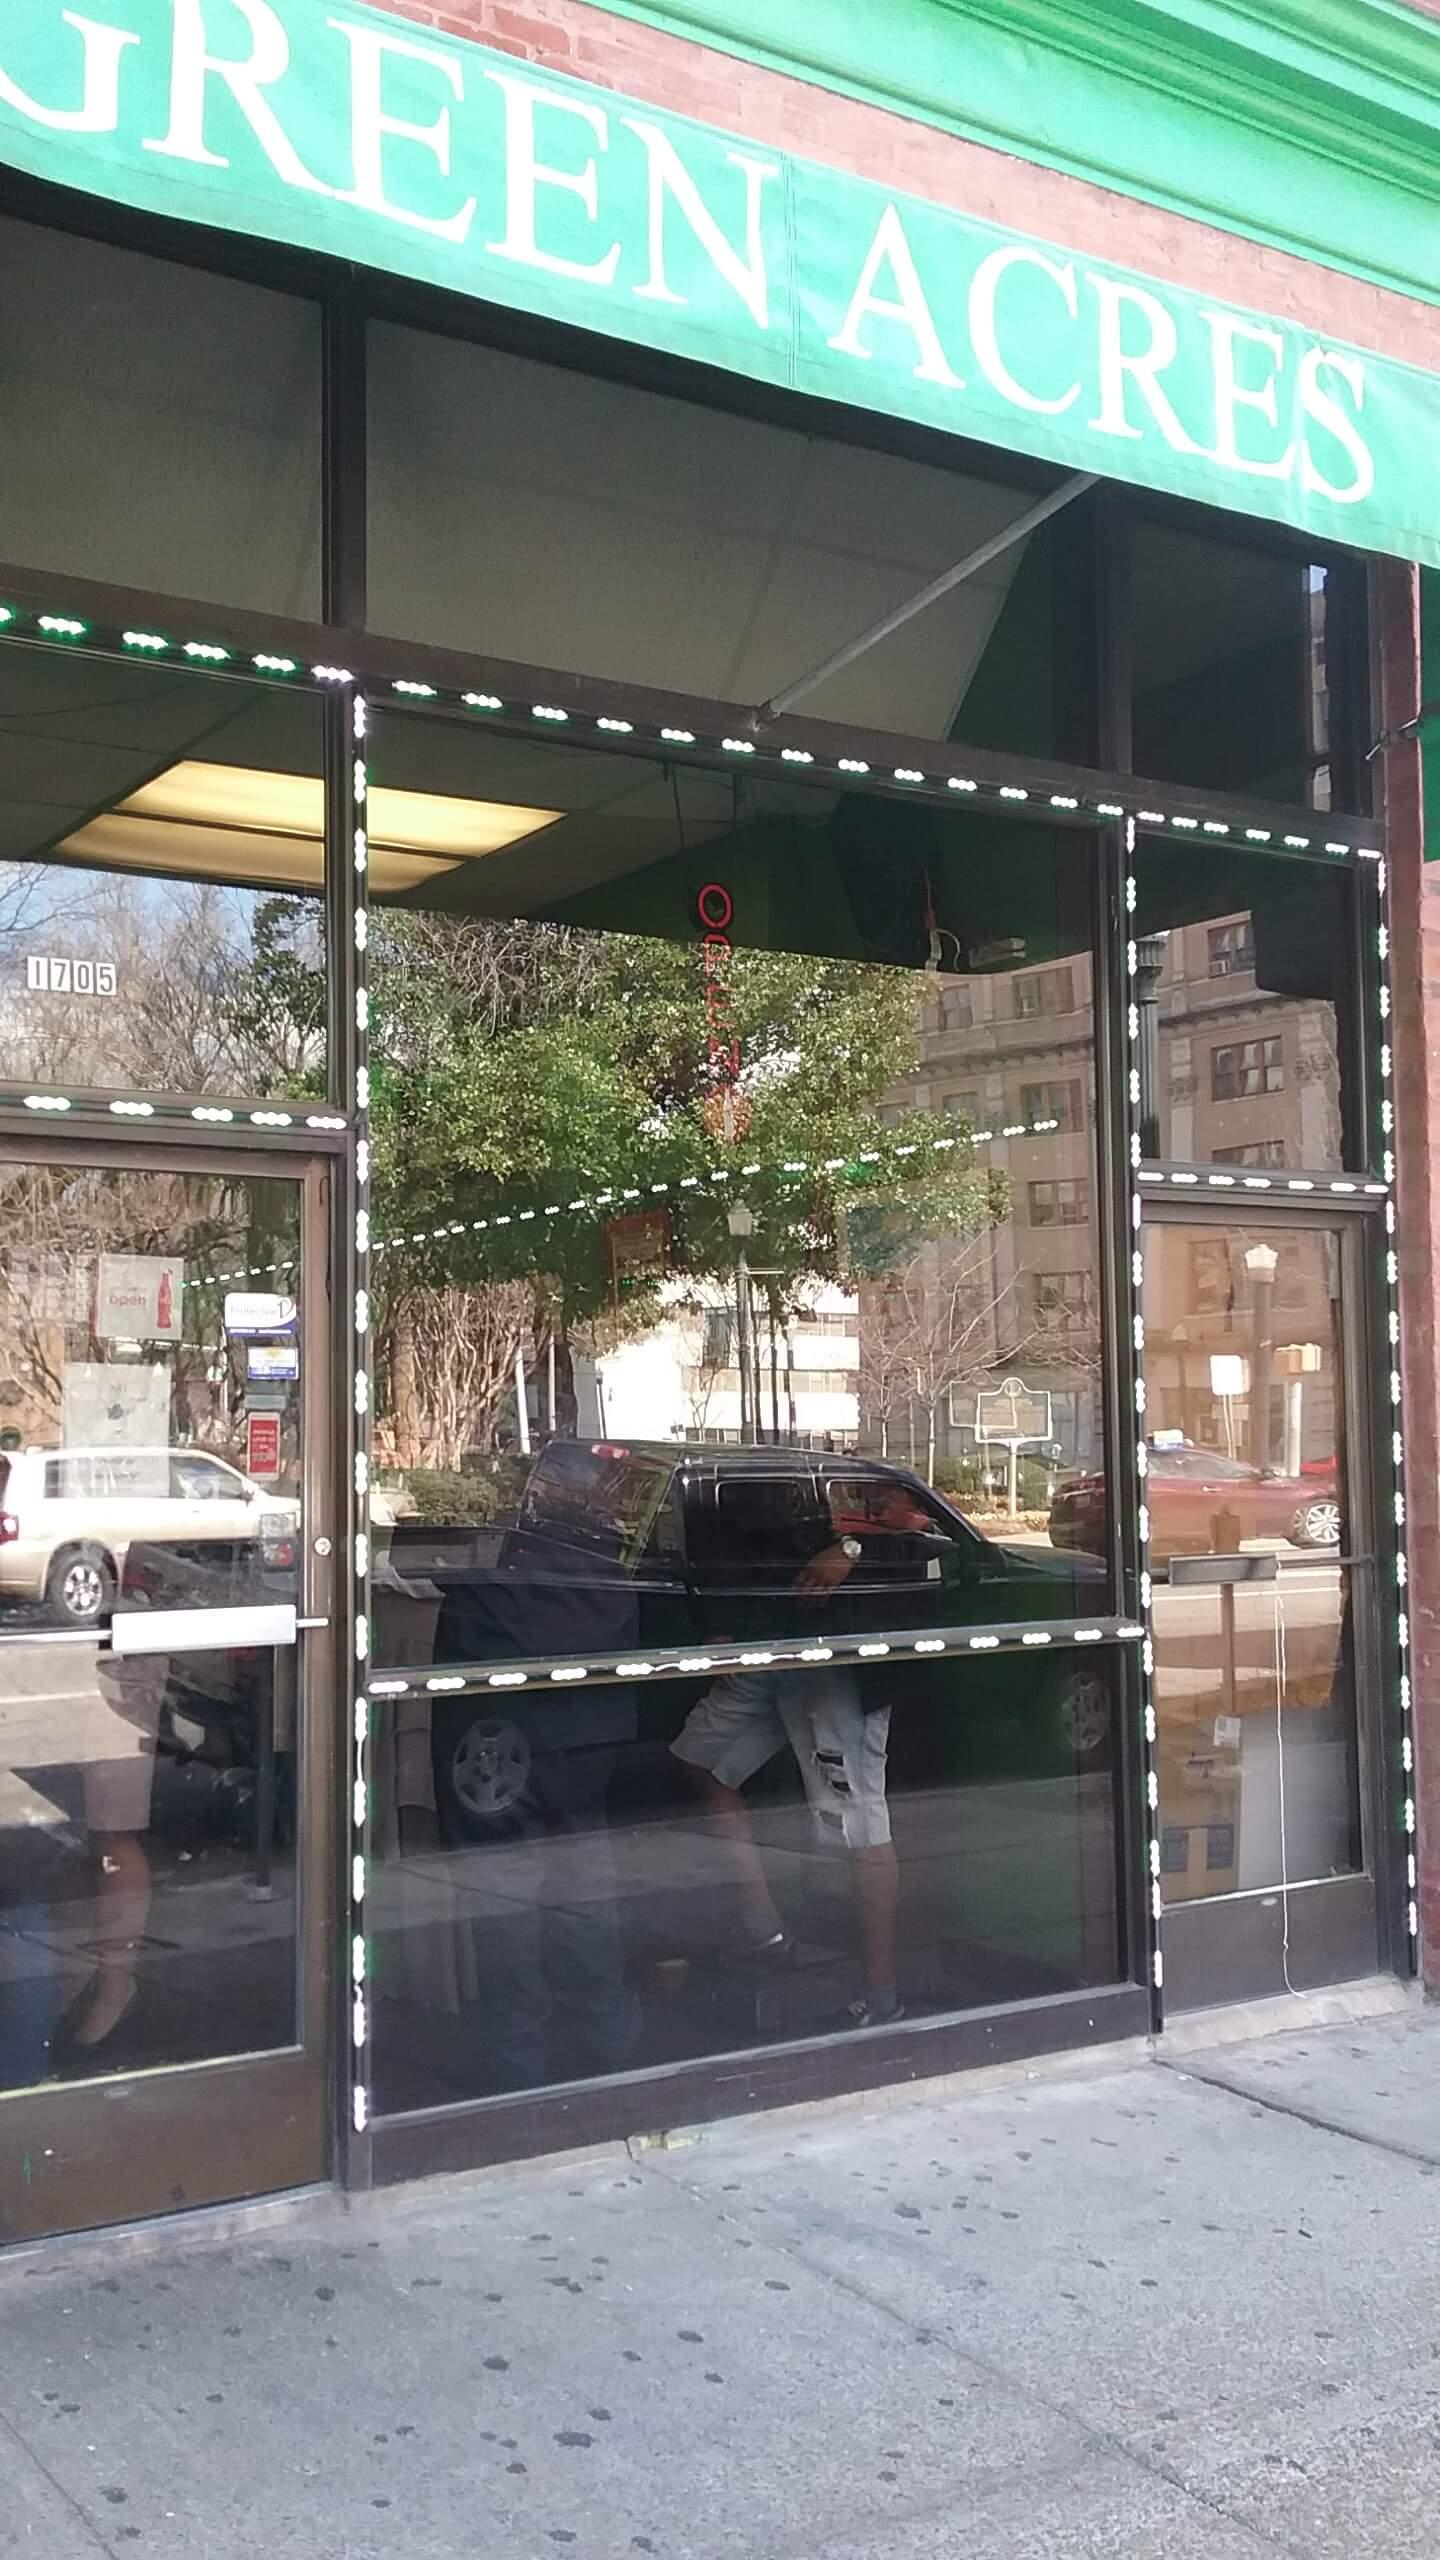 Green Acres Cafe Storefront - Birmingham, AL